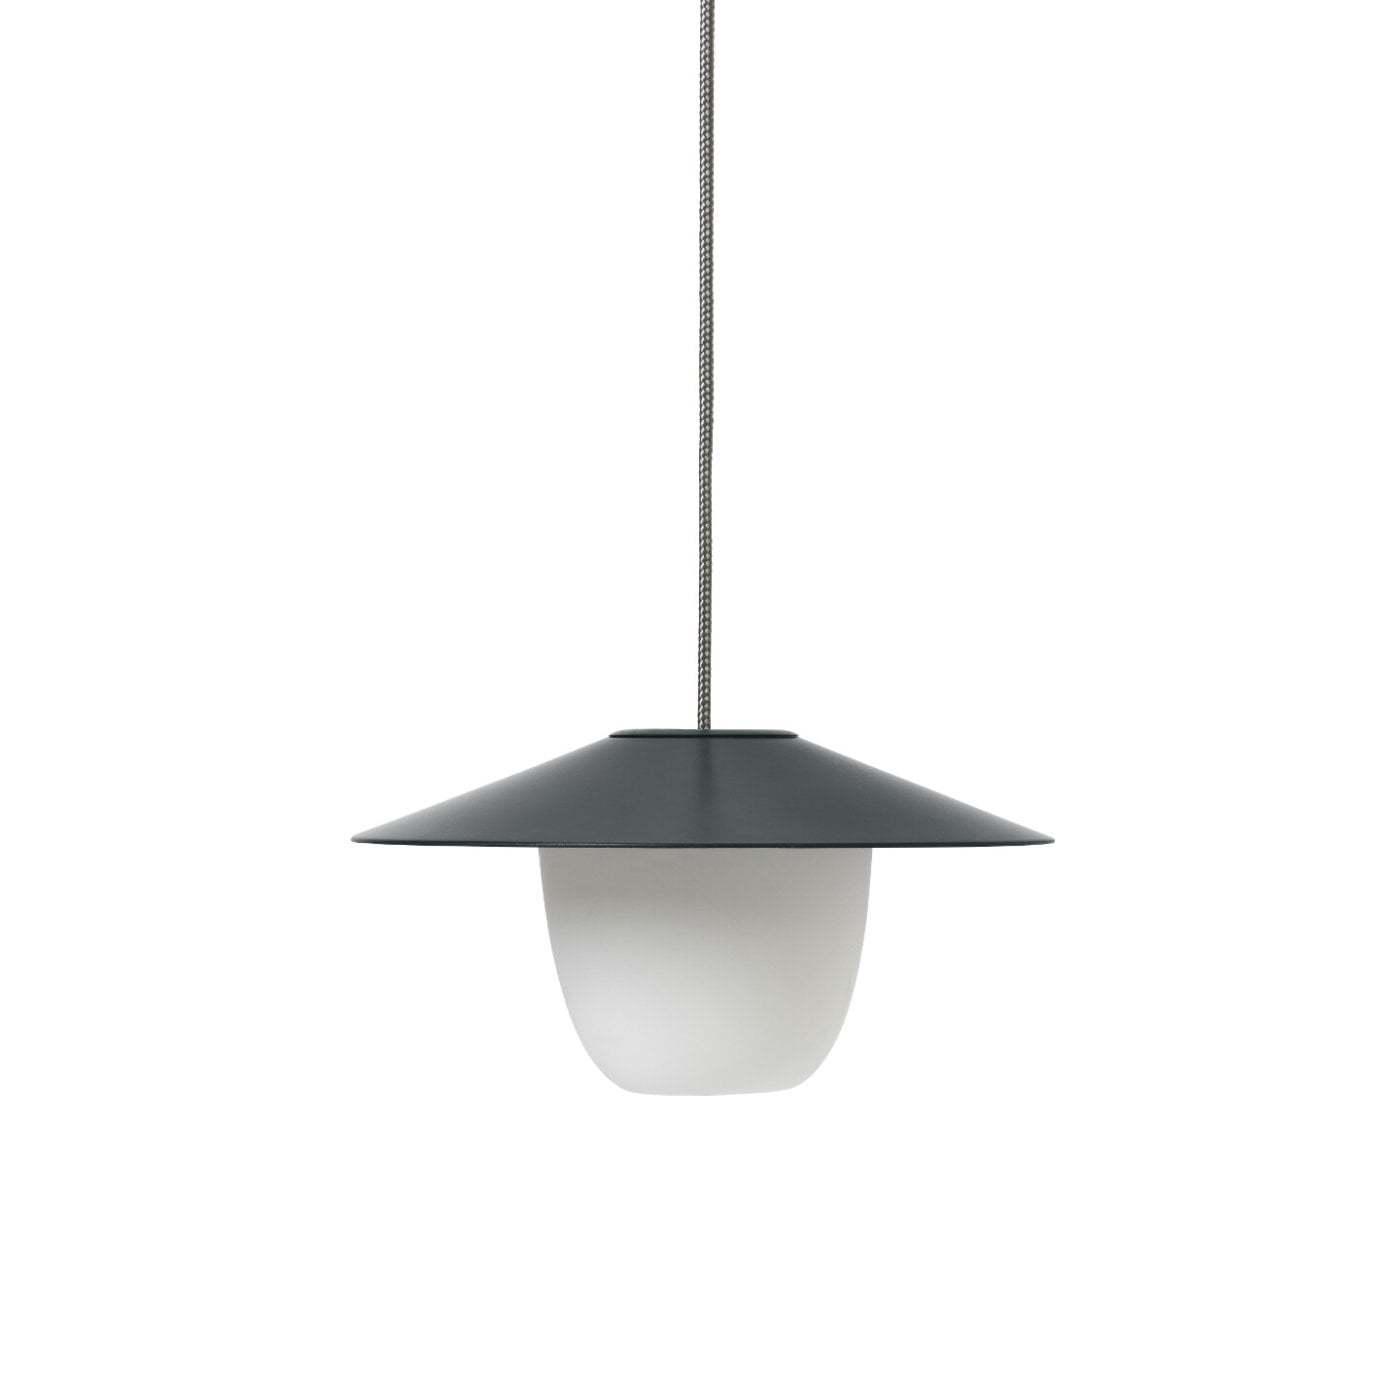 Ani Mobile LED-Lamp mobile LED-Leuchte Magnet Blomus